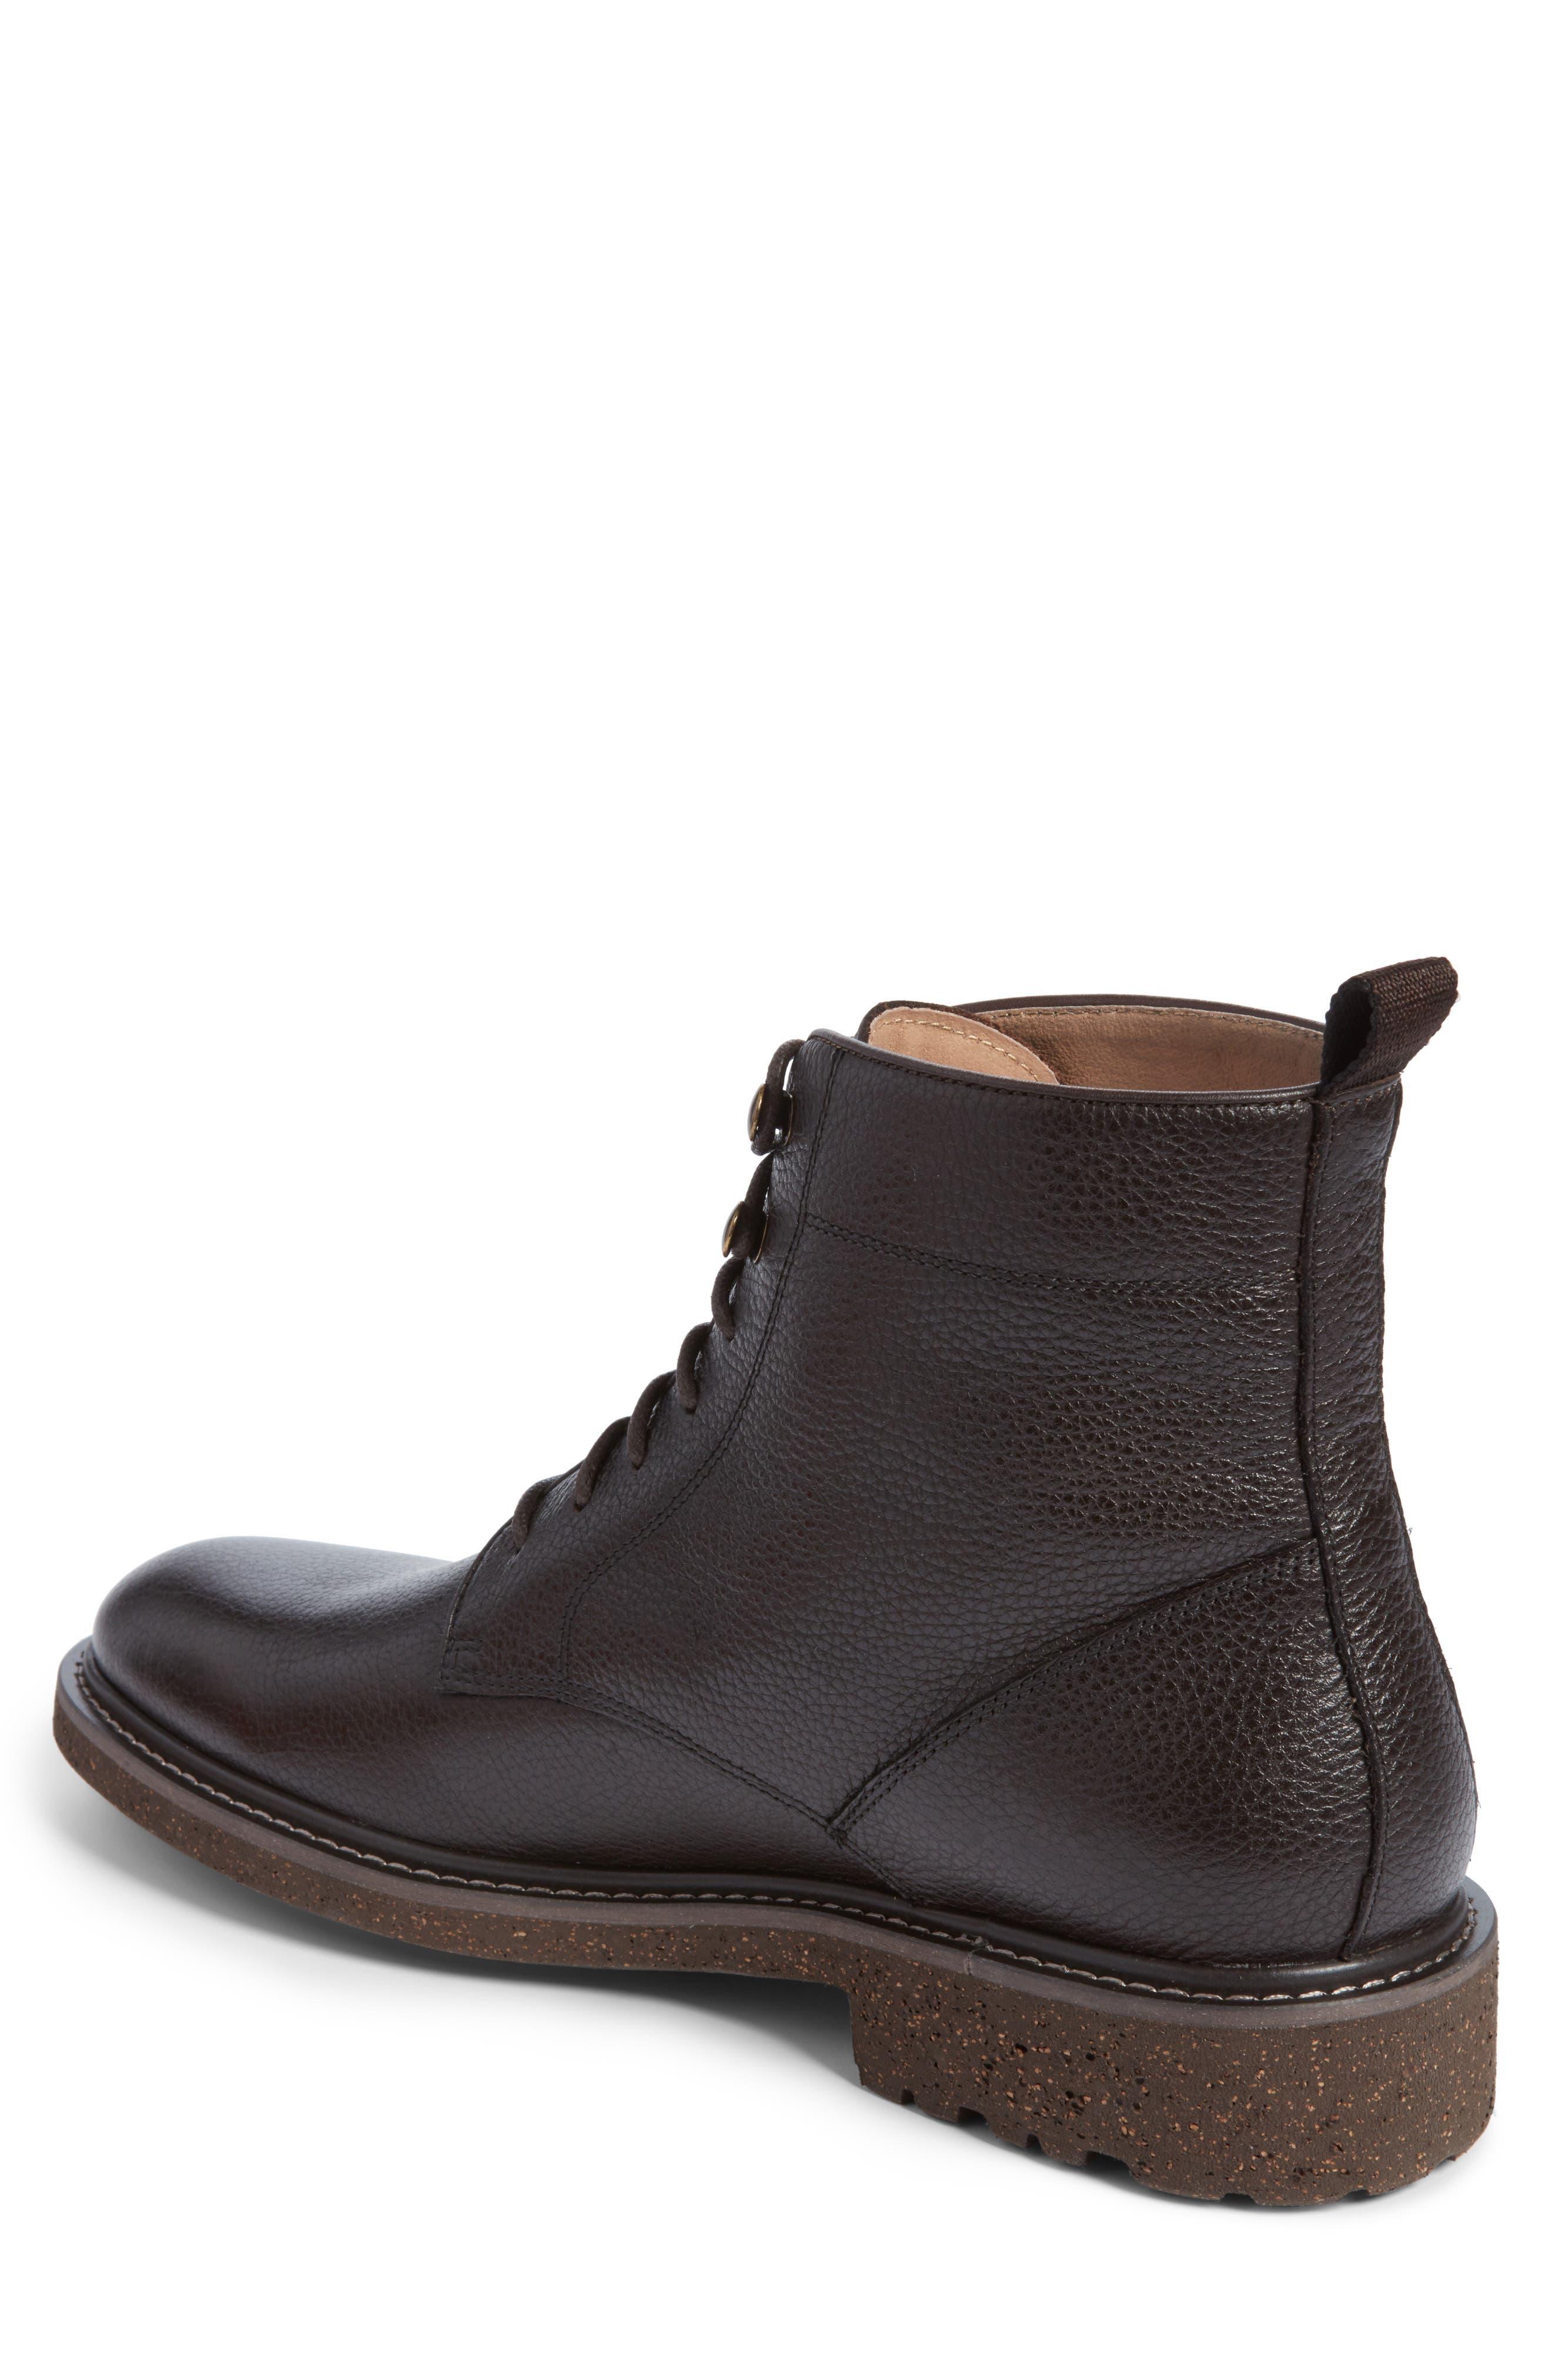 Trenton Plain Toe Boot,                             Alternate thumbnail 2, color,                             200